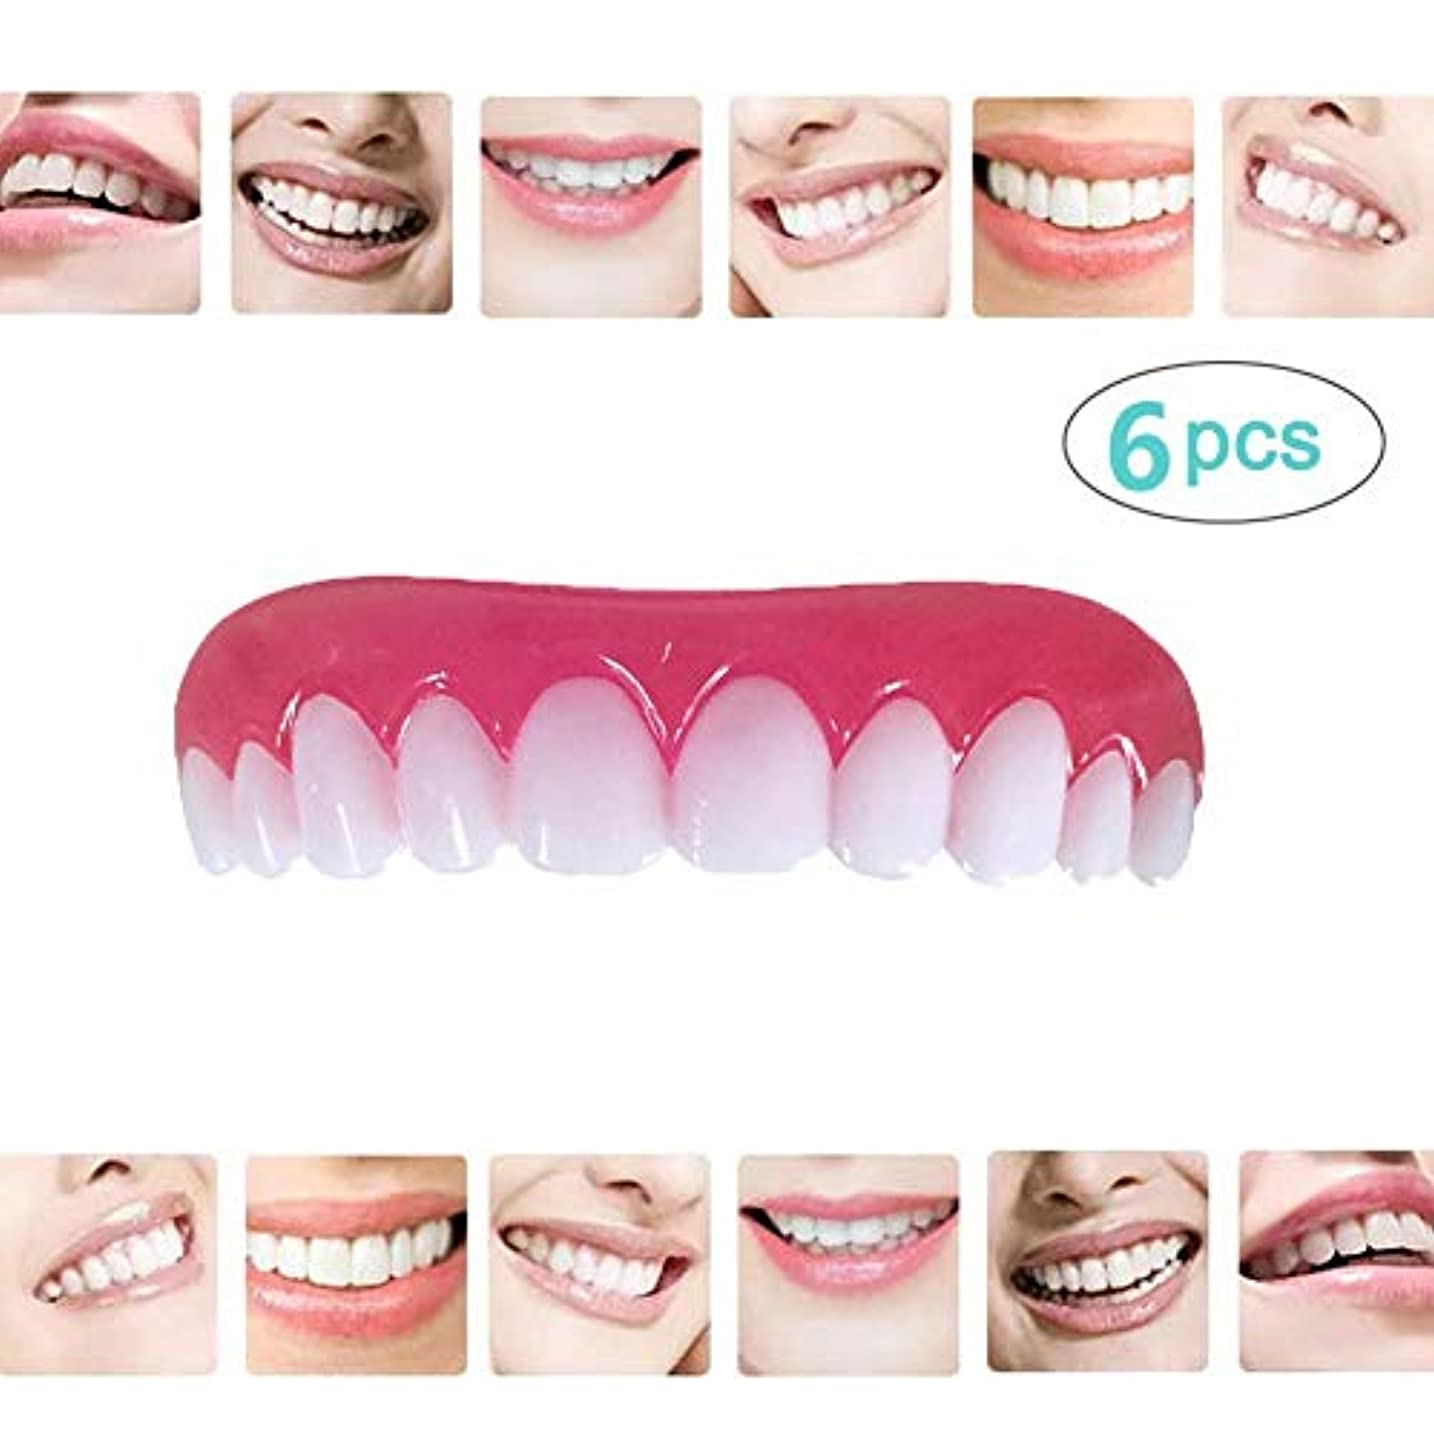 快適なコスメティックスマイルフェイクトゥースベニヤカバー、6個をホワイトニングする笑顔の歯にシリカゲルデンチャーパーフェクトフィットスナップ